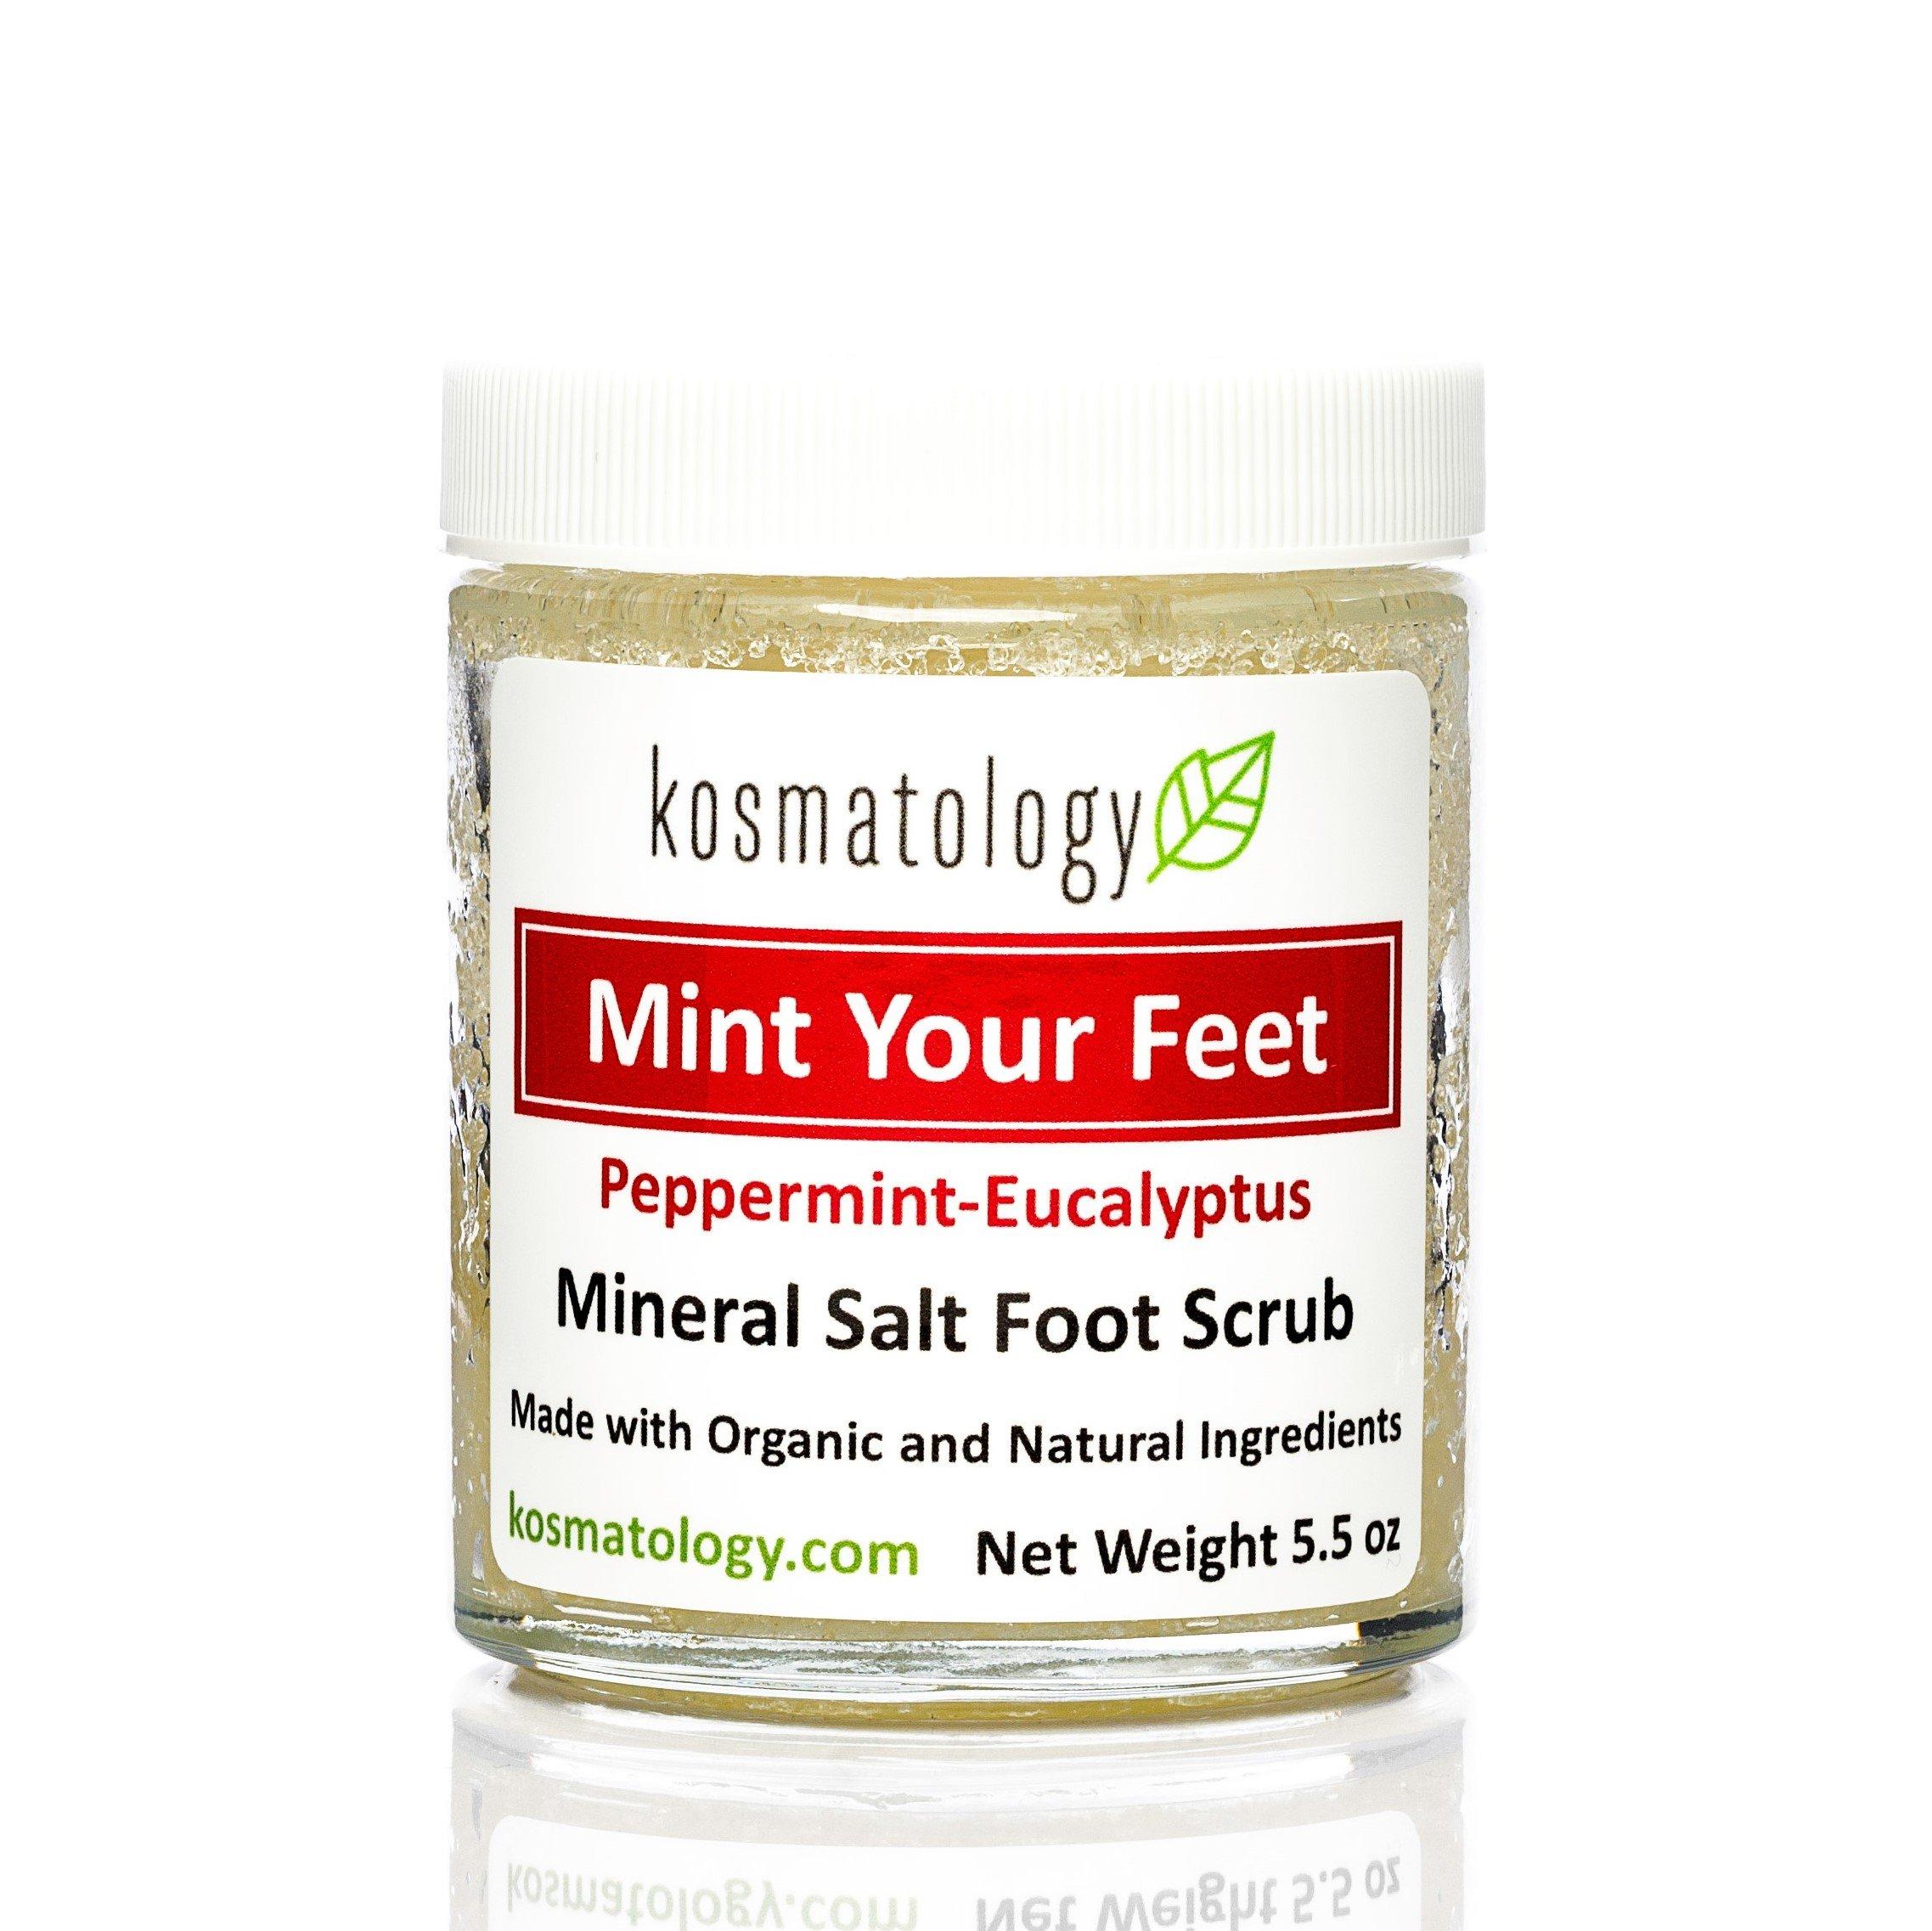 Kosmatology Mint Your Feet Mineral Salt Foot Scrub 5.5 oz